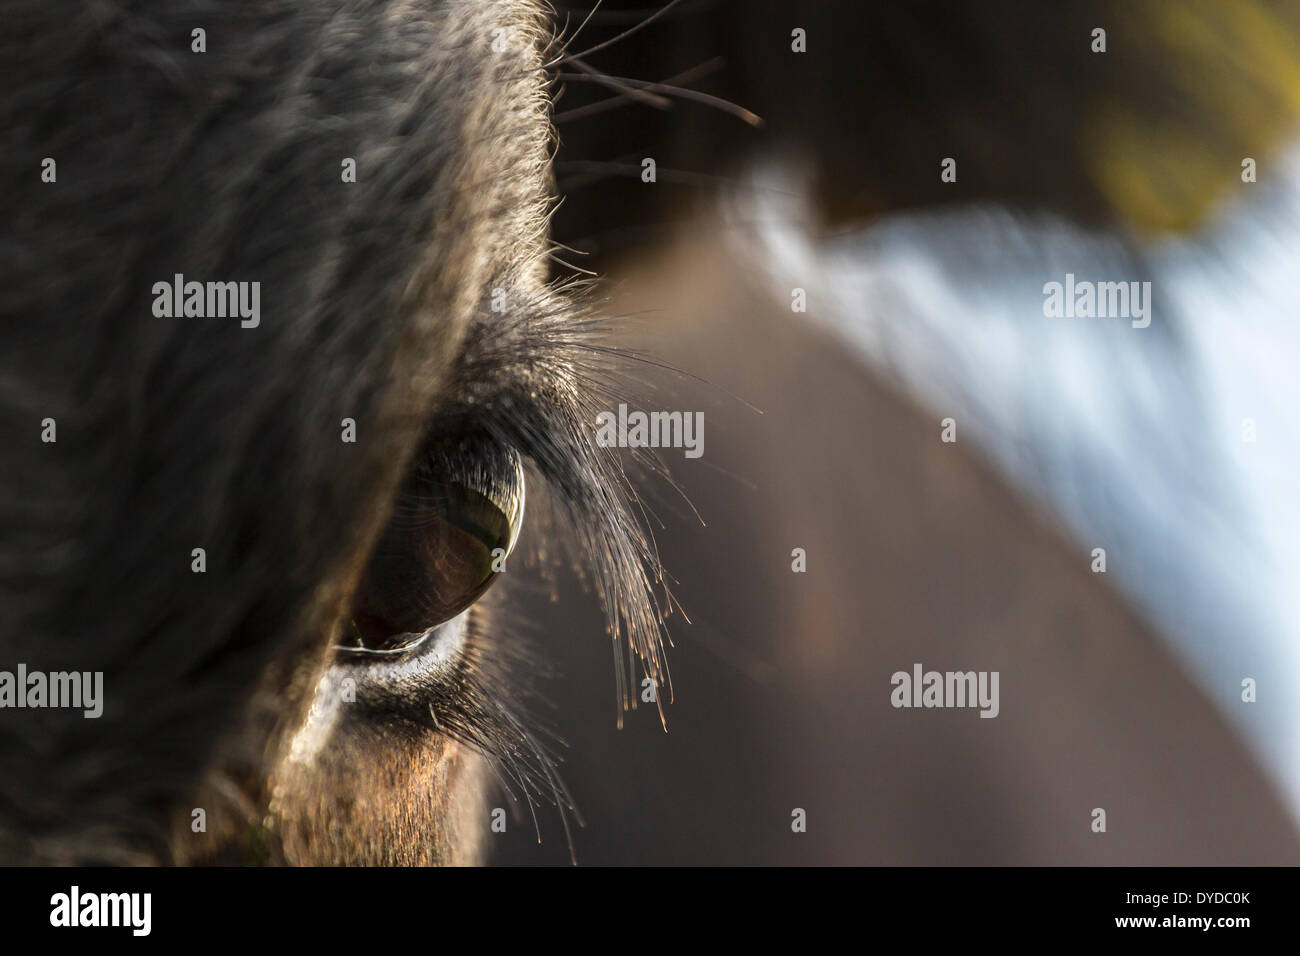 De près de l'œil d'un veau. Photo Stock